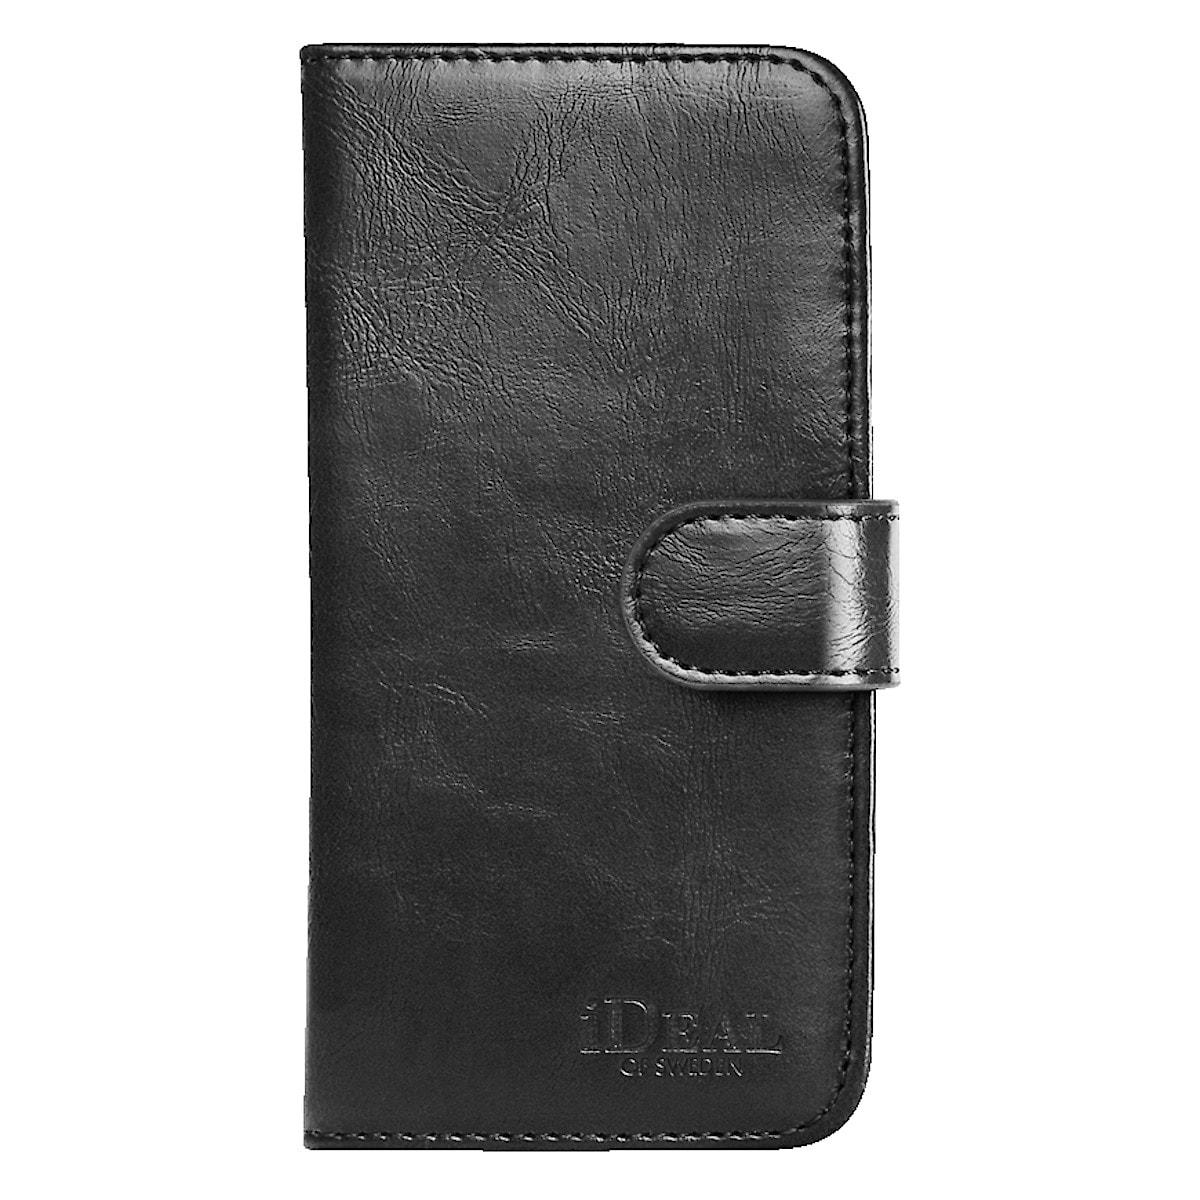 Plånboksfodral för iPhone 8 Plus iDeal of Sweden